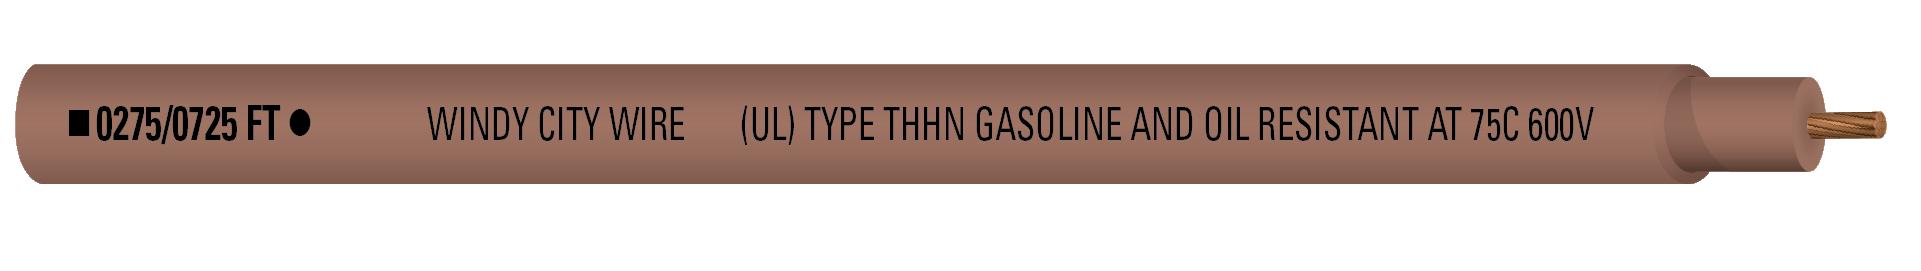 14-1C STR THHN 600V Brn